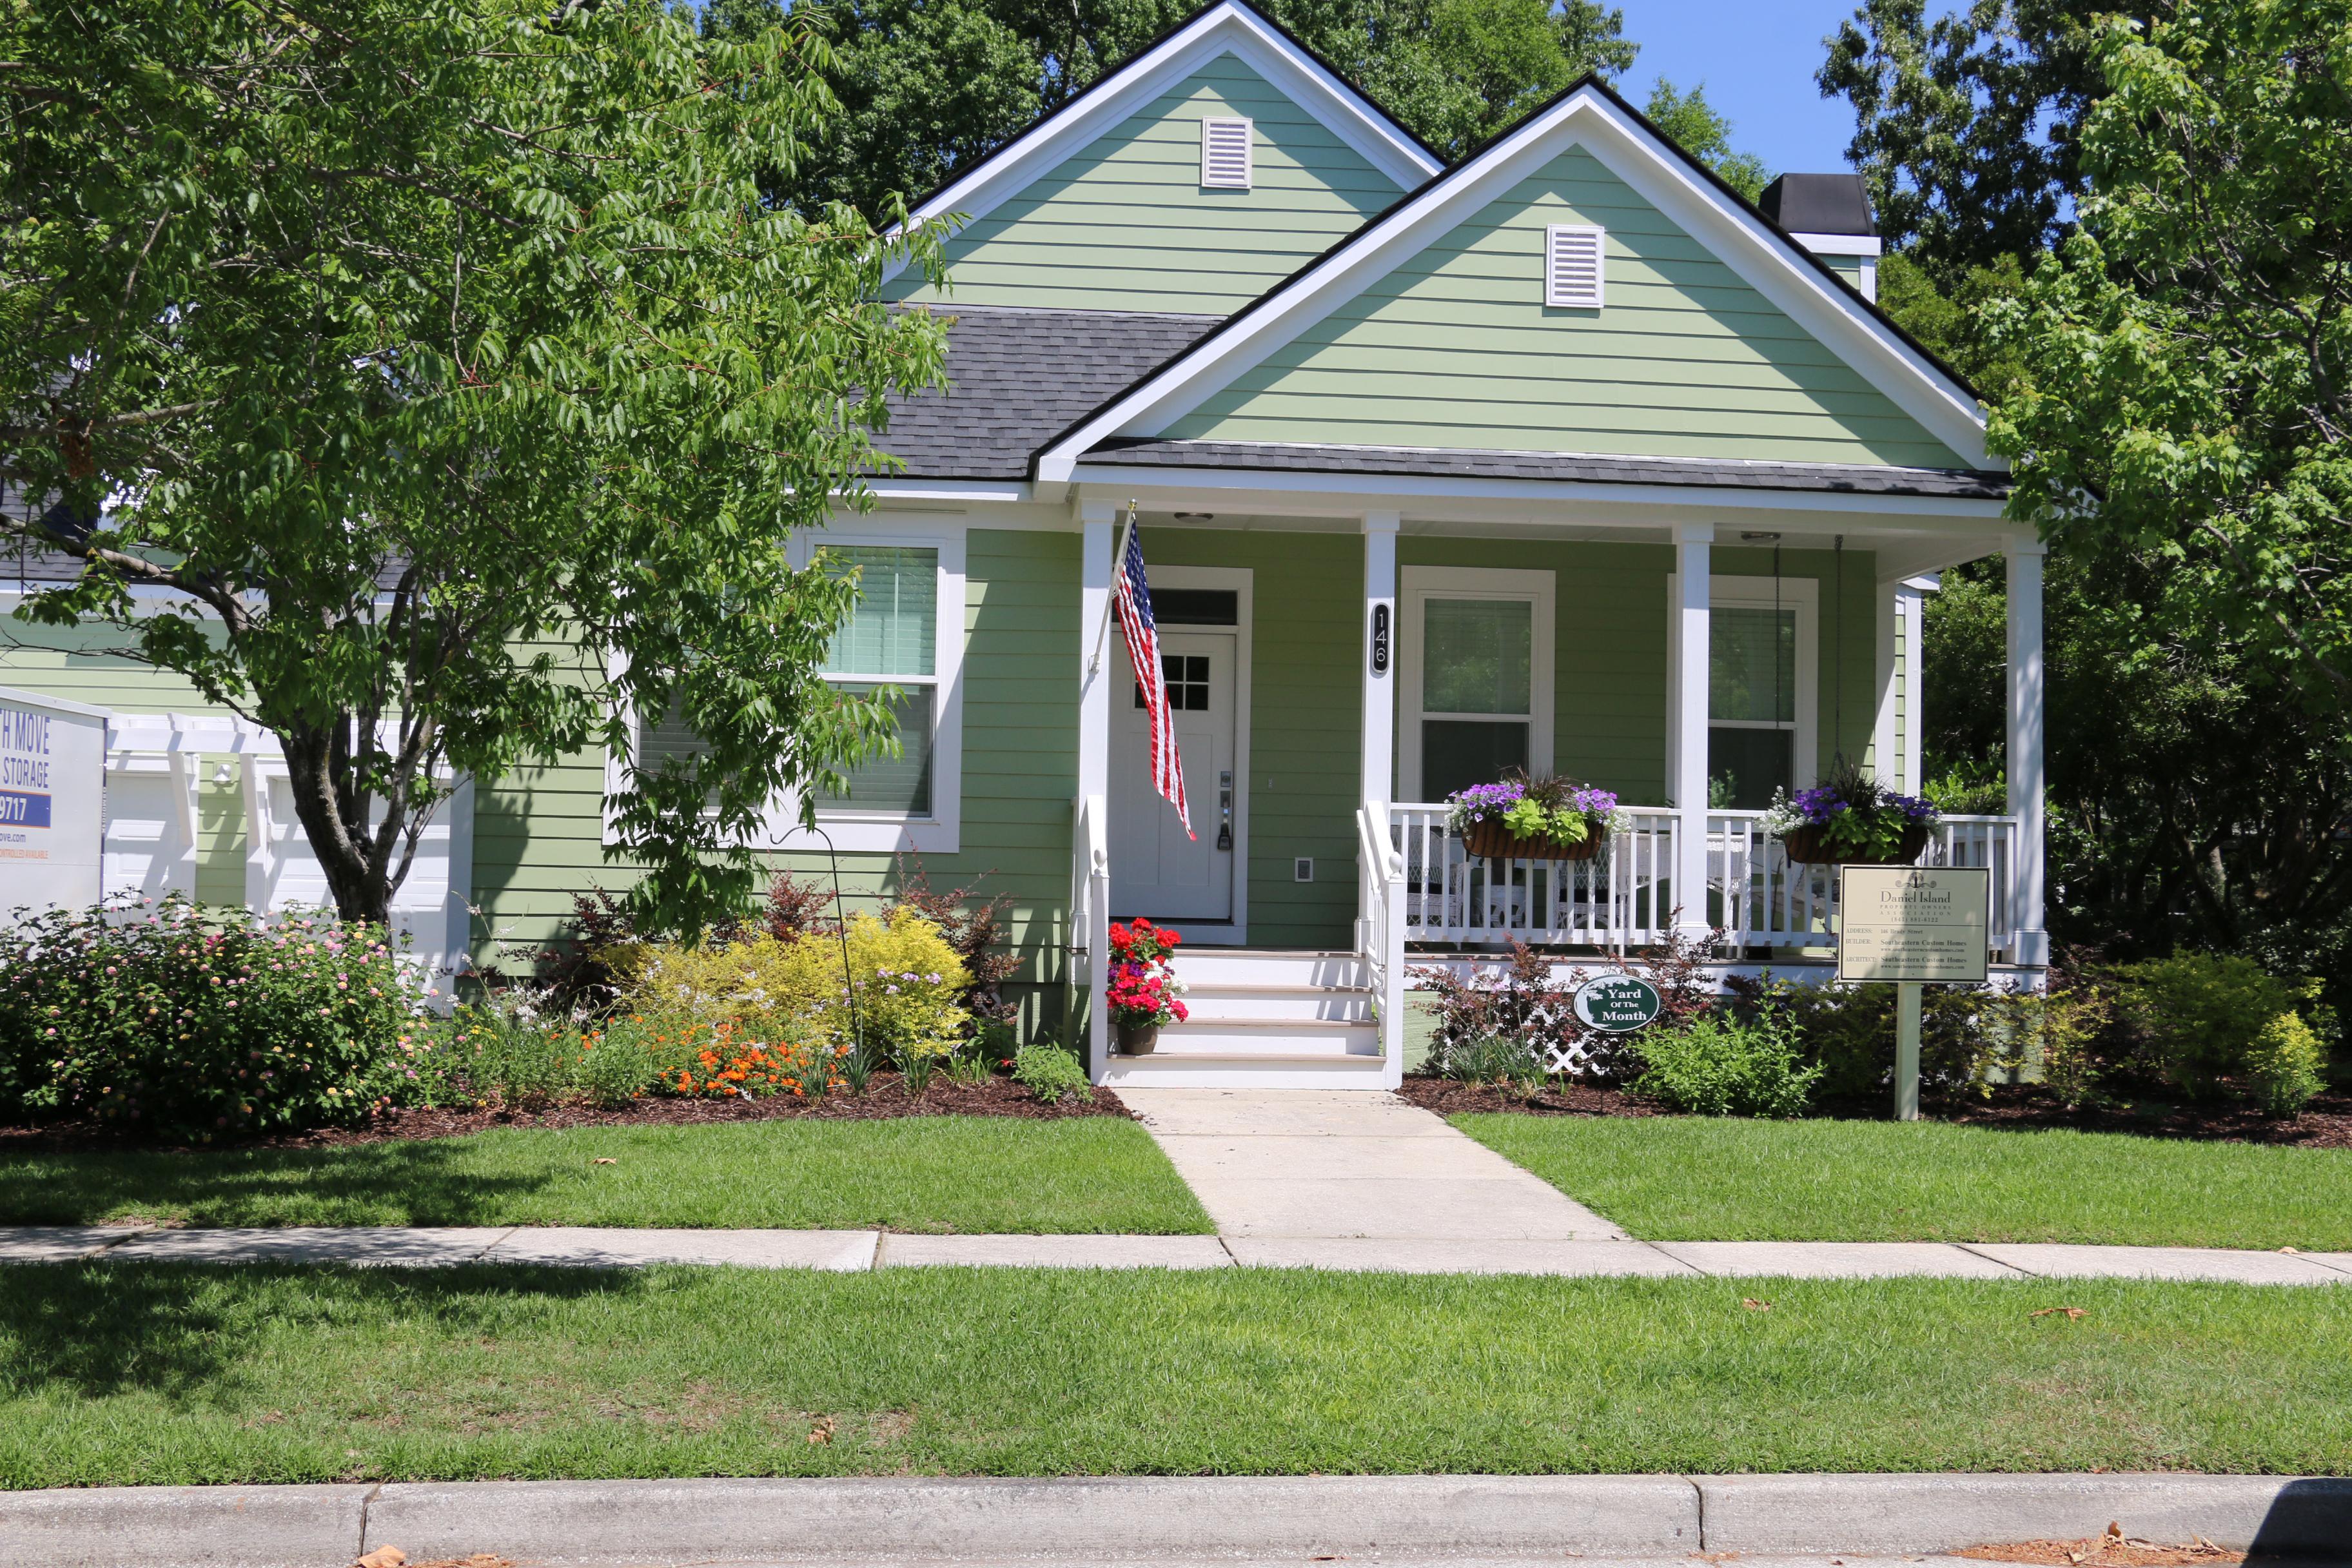 Mary Lee and Jim Busick 146 Brady Street • Zone 3